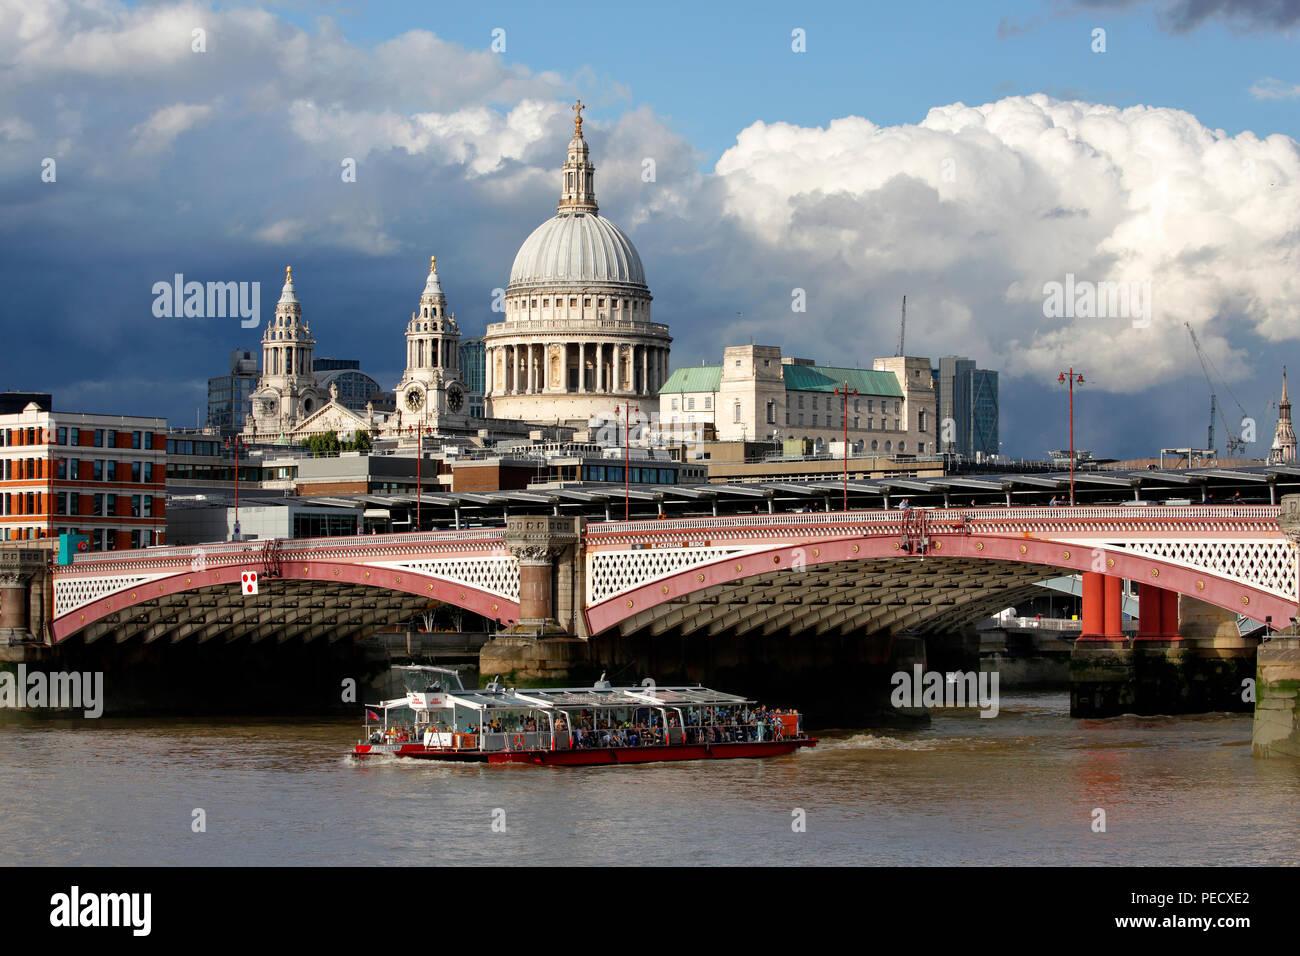 La Cathédrale St Paul de Londres avec Blackfriars Bridge et un bateau tours touristiques Thames en premier plan Photo Stock